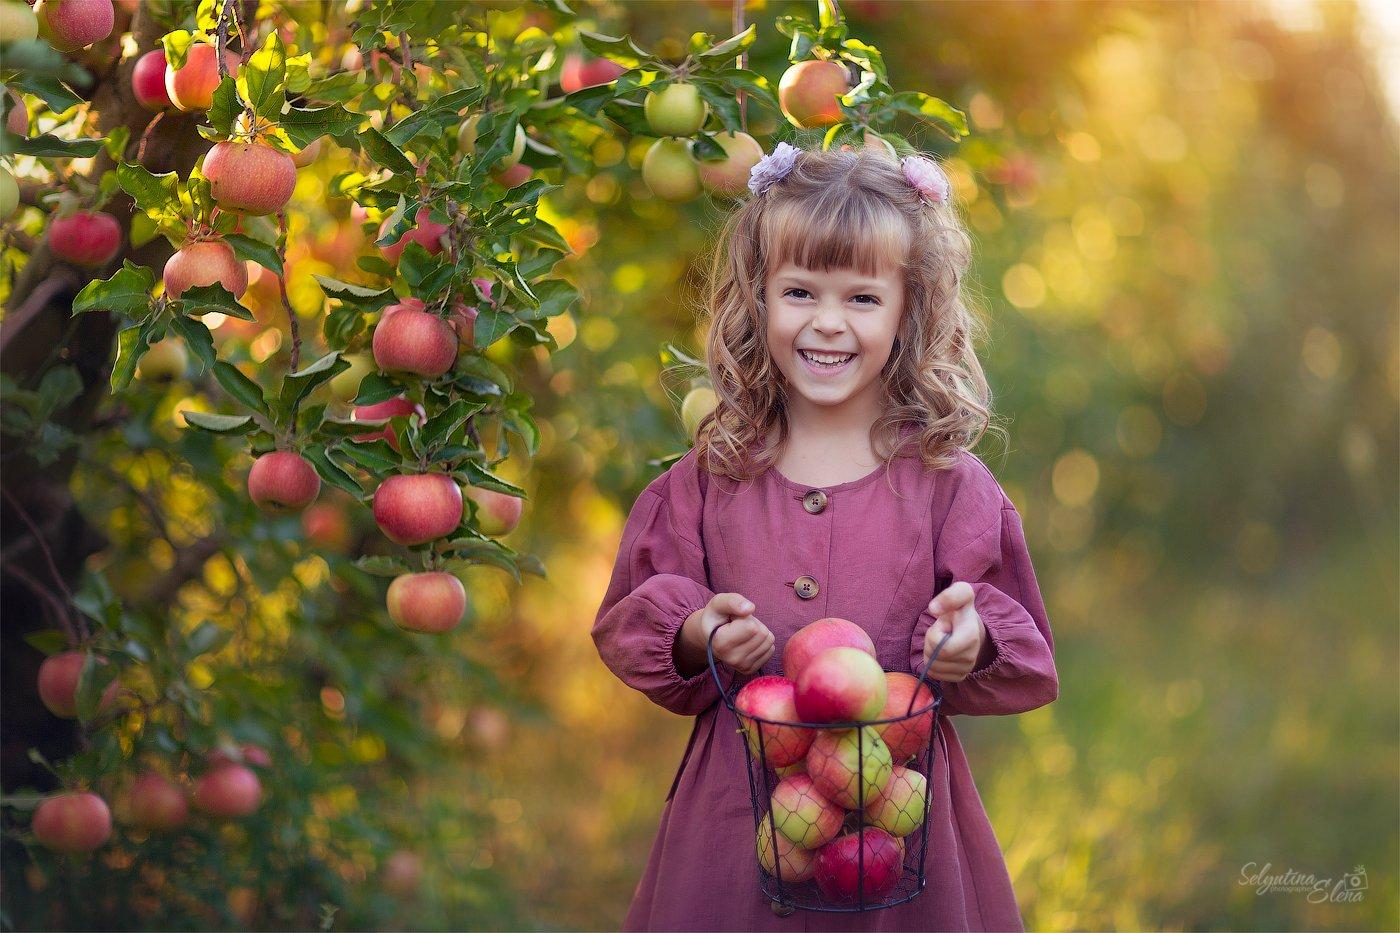 яблоки, apple, детская фотография, детская съемка, яблоневый сад, дети, kids, children photography, Elena Selyutina